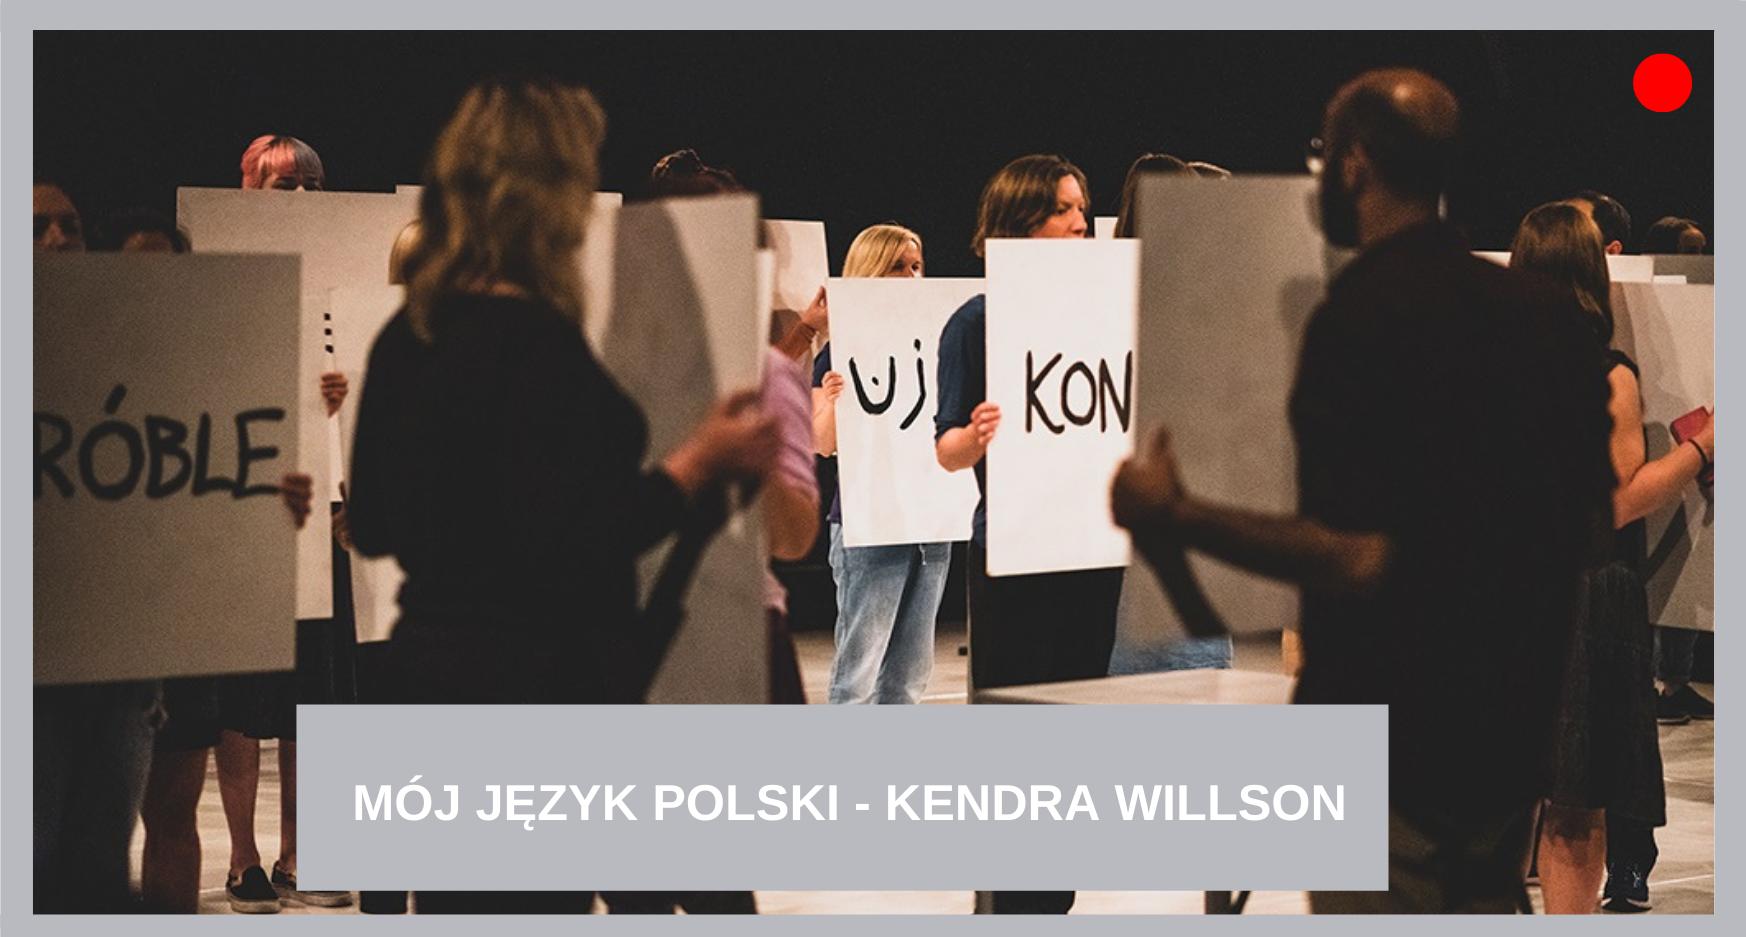 MÓJ JĘZYK POLSKI – KENDRA WILLSON